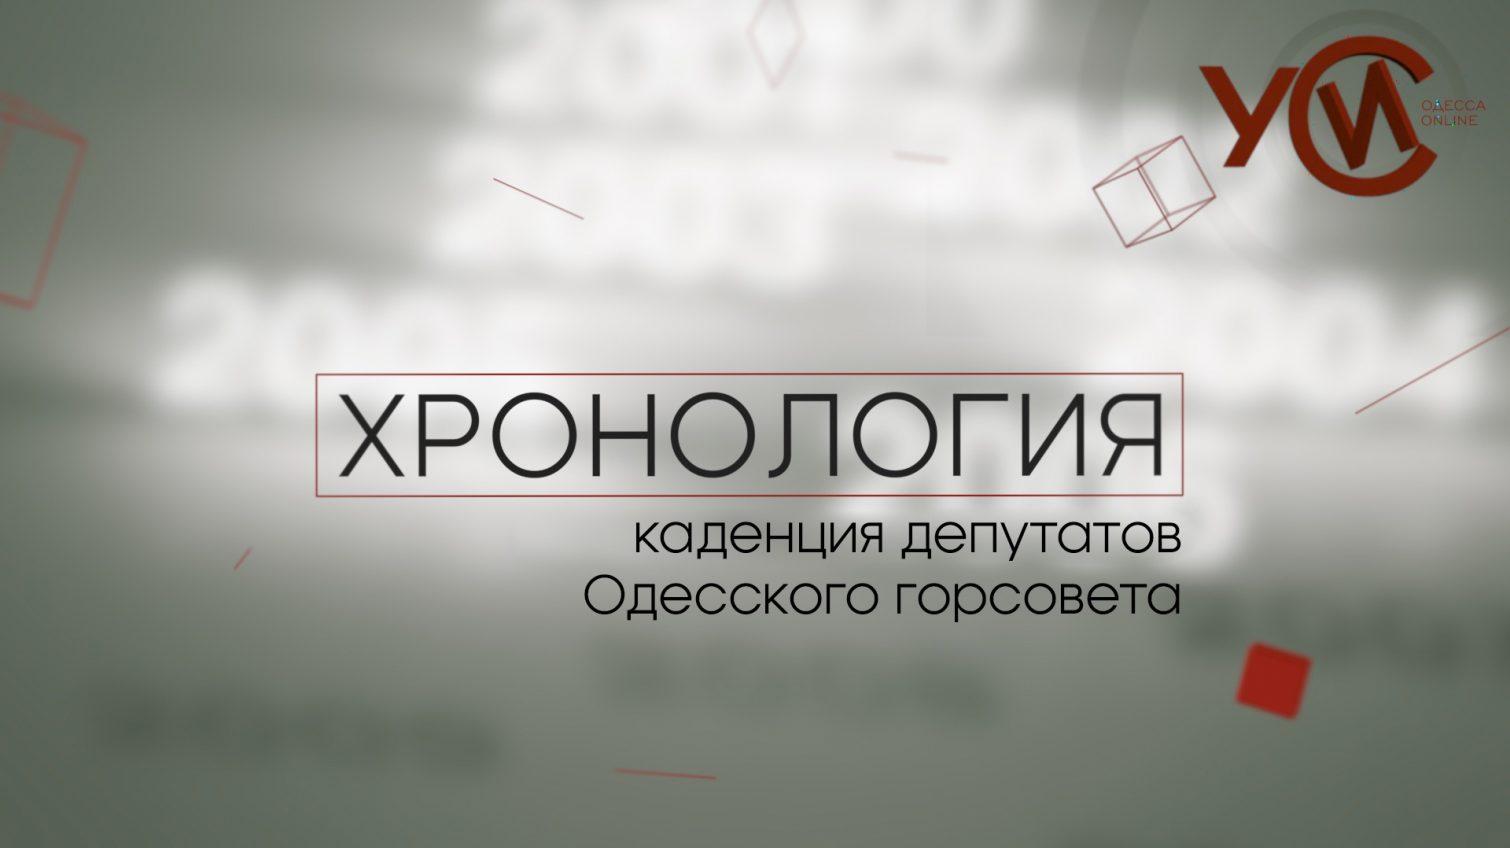 Хронология: каденция депутатов Одесского горсовета (прямой эфир) «фото»